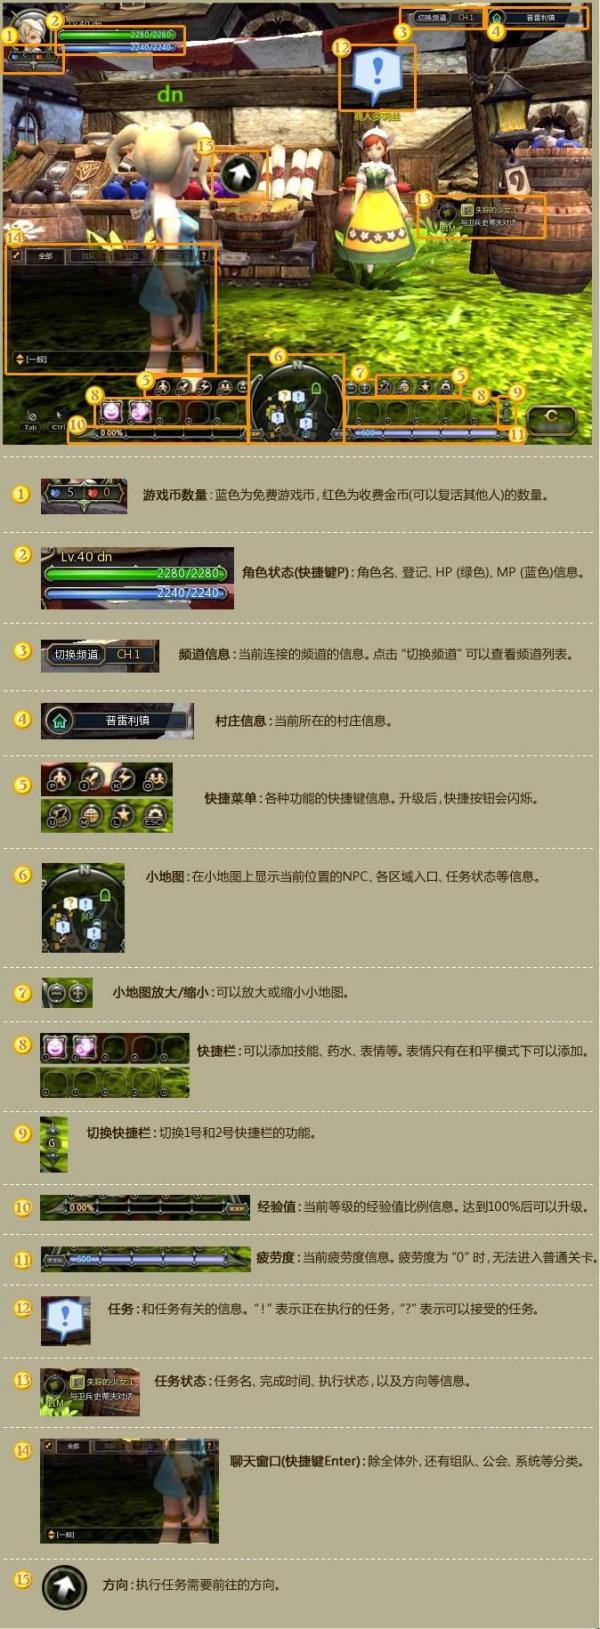 《龙之谷》游戏系统介绍